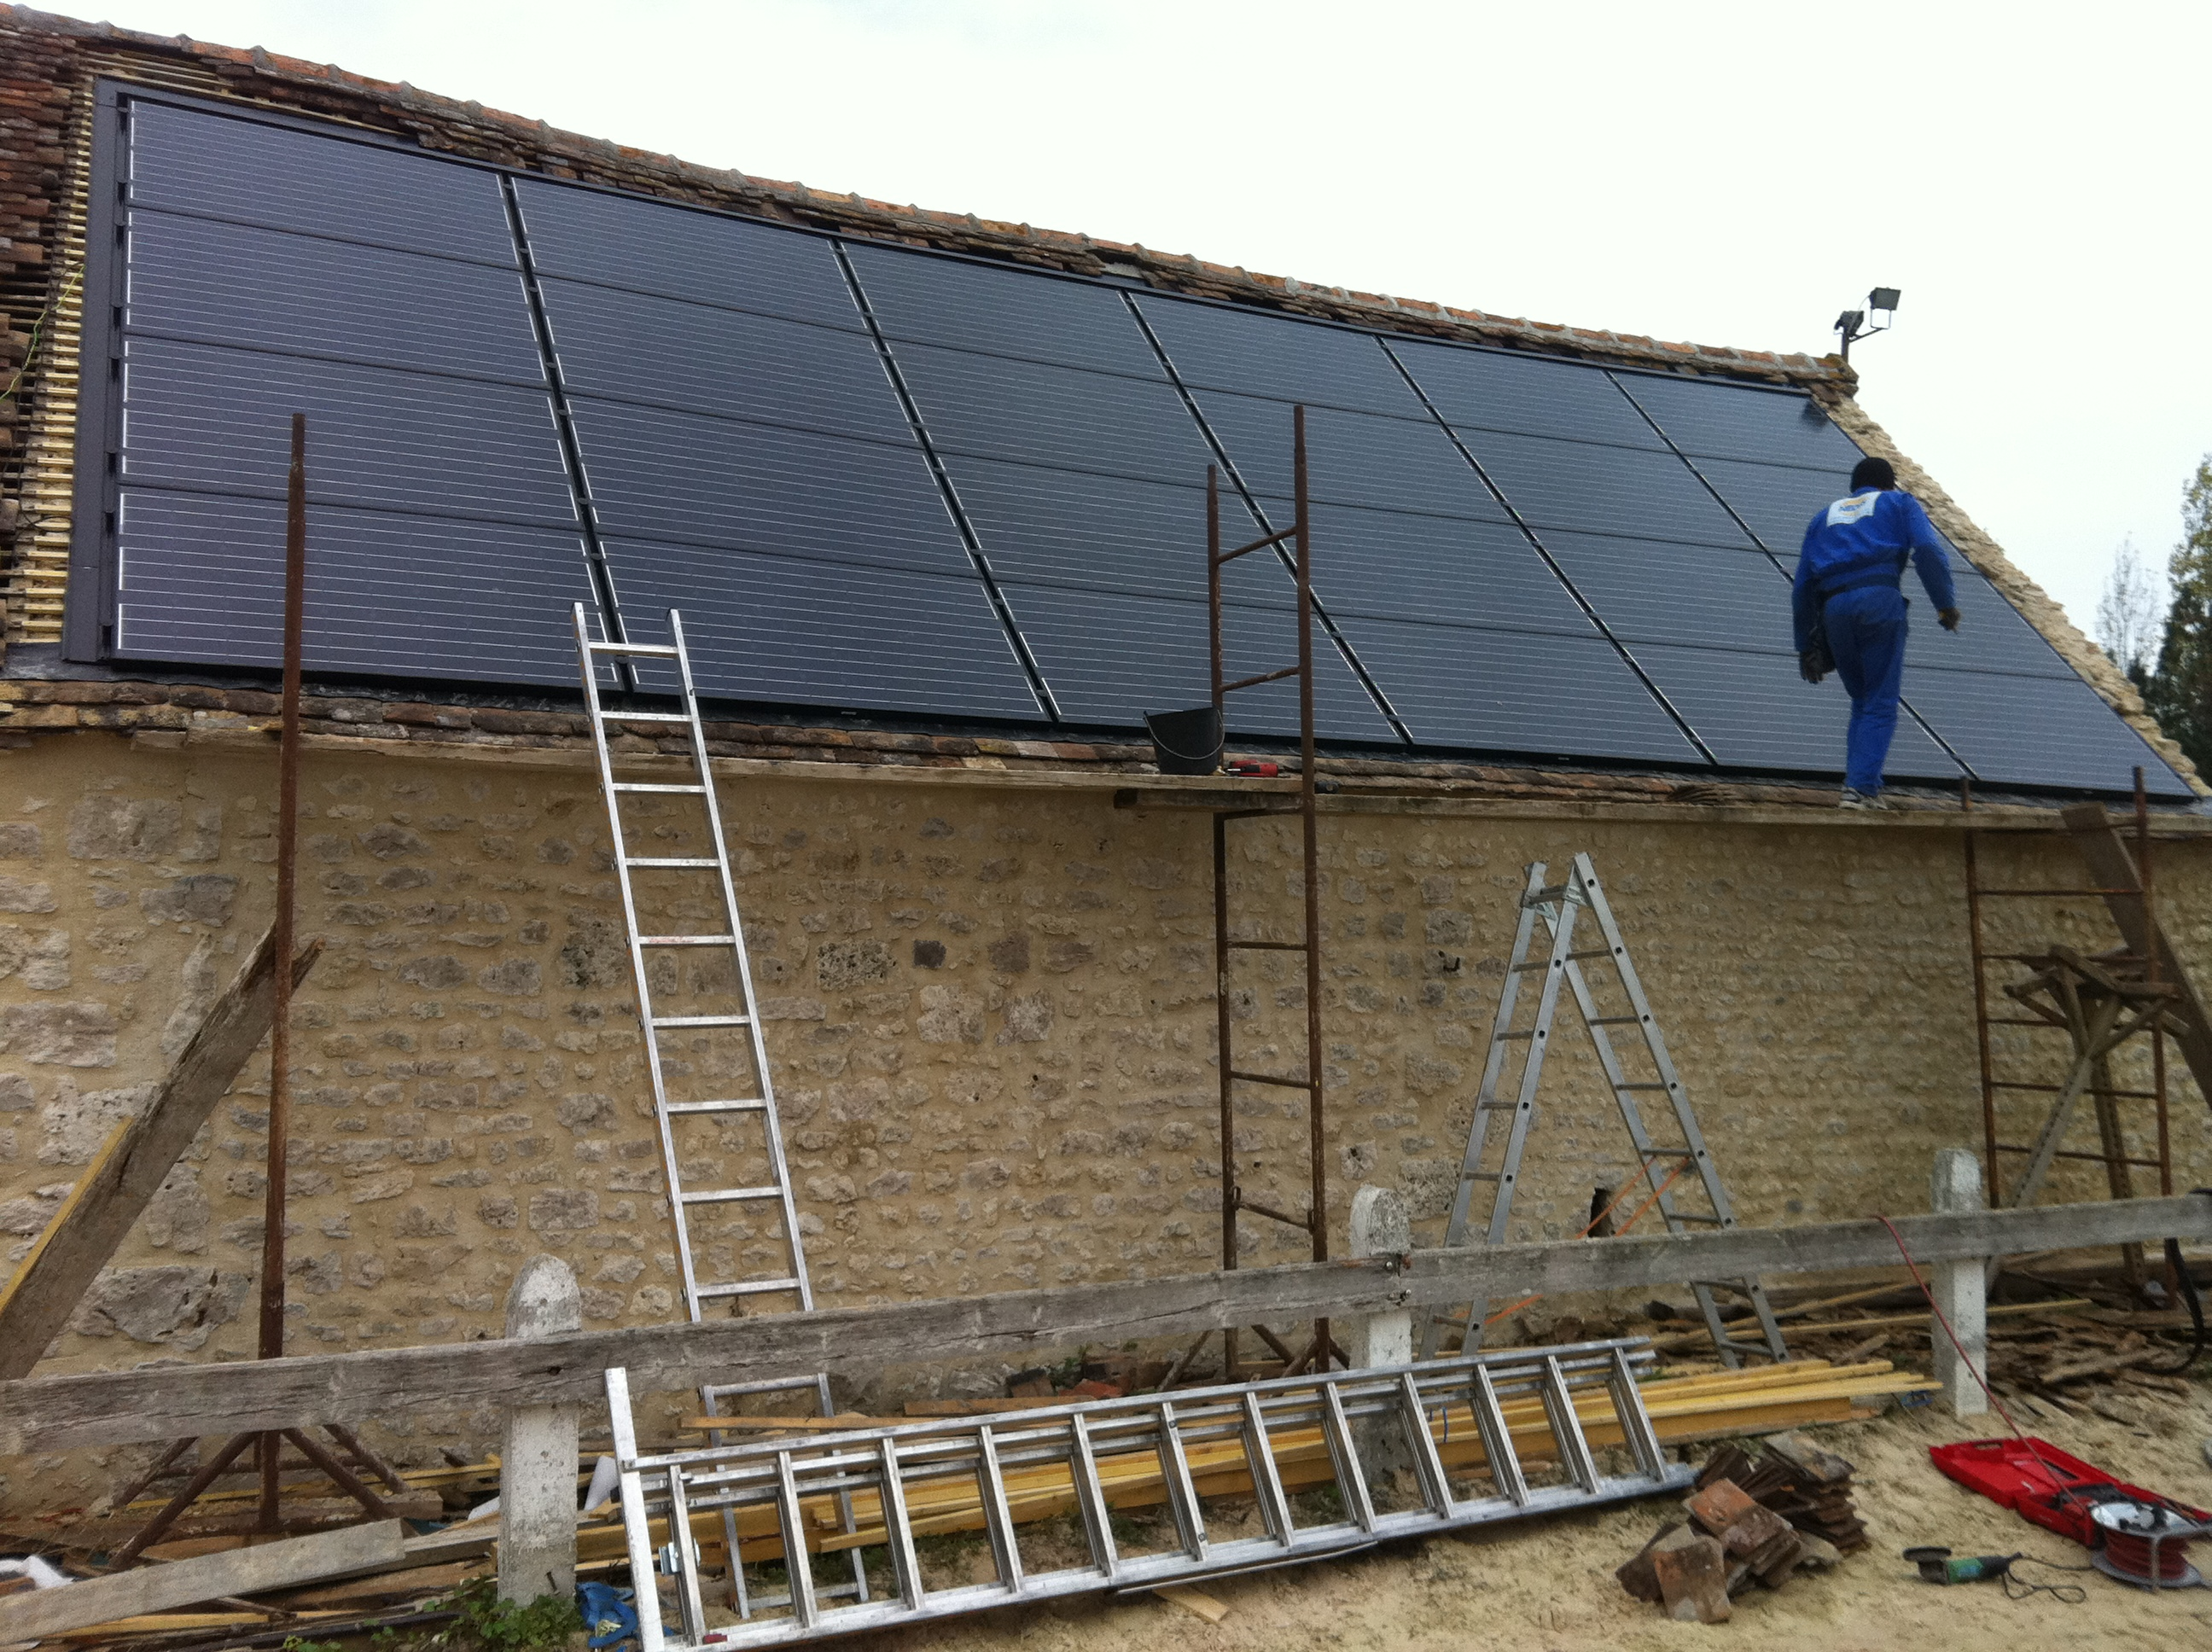 Installation photovoltaique sur batiment et toiture for Orientation batiment